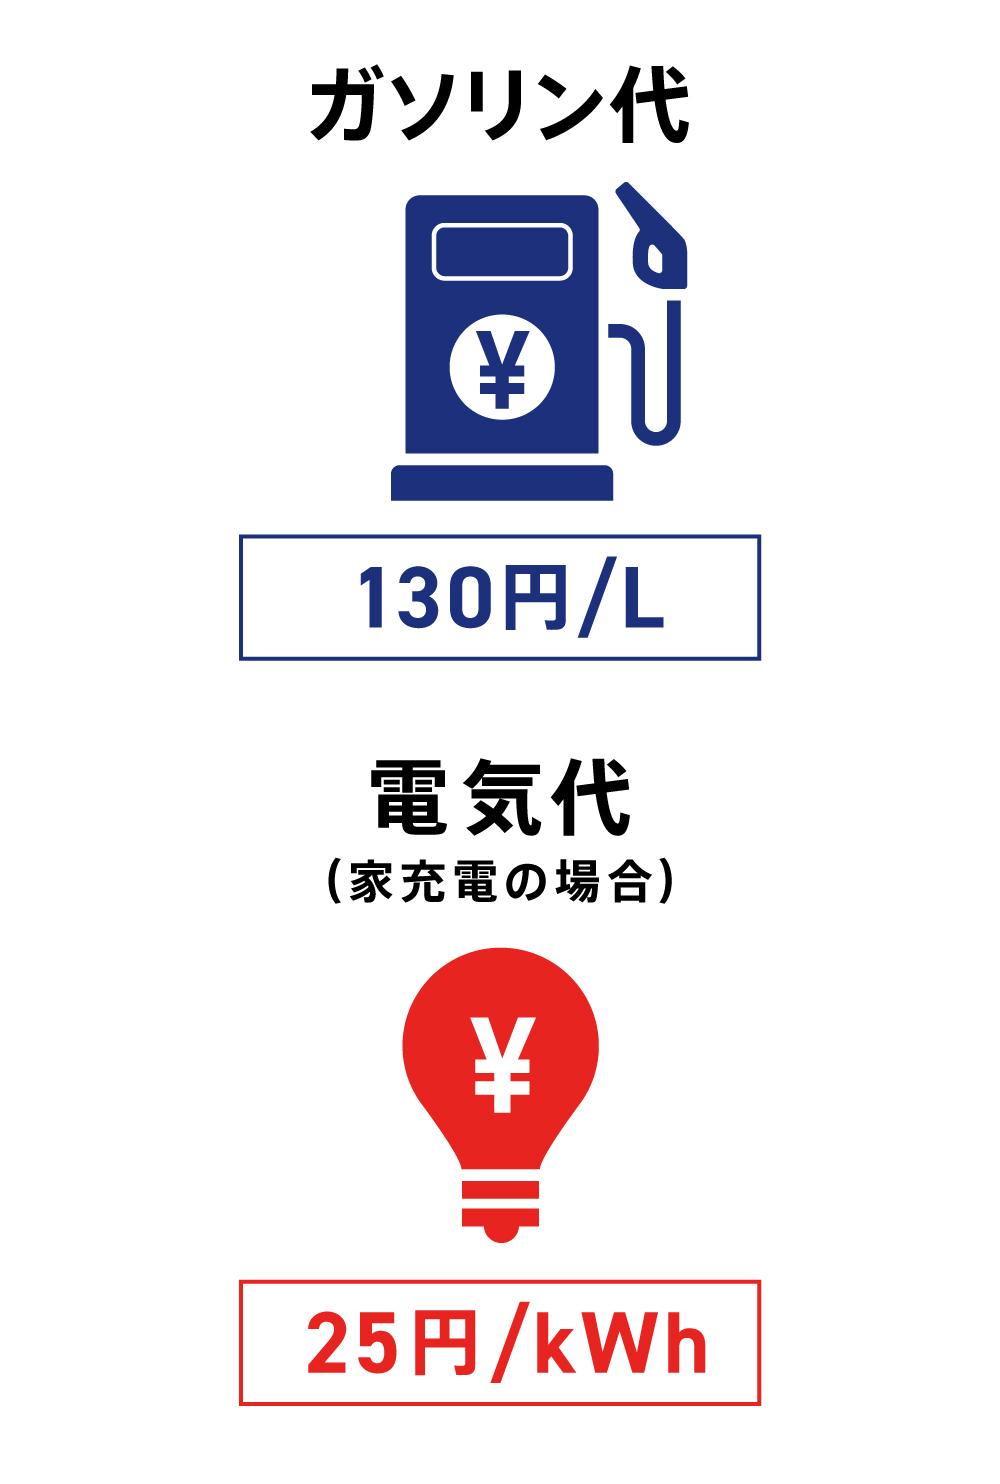 ガソリン代と電気代の価格例